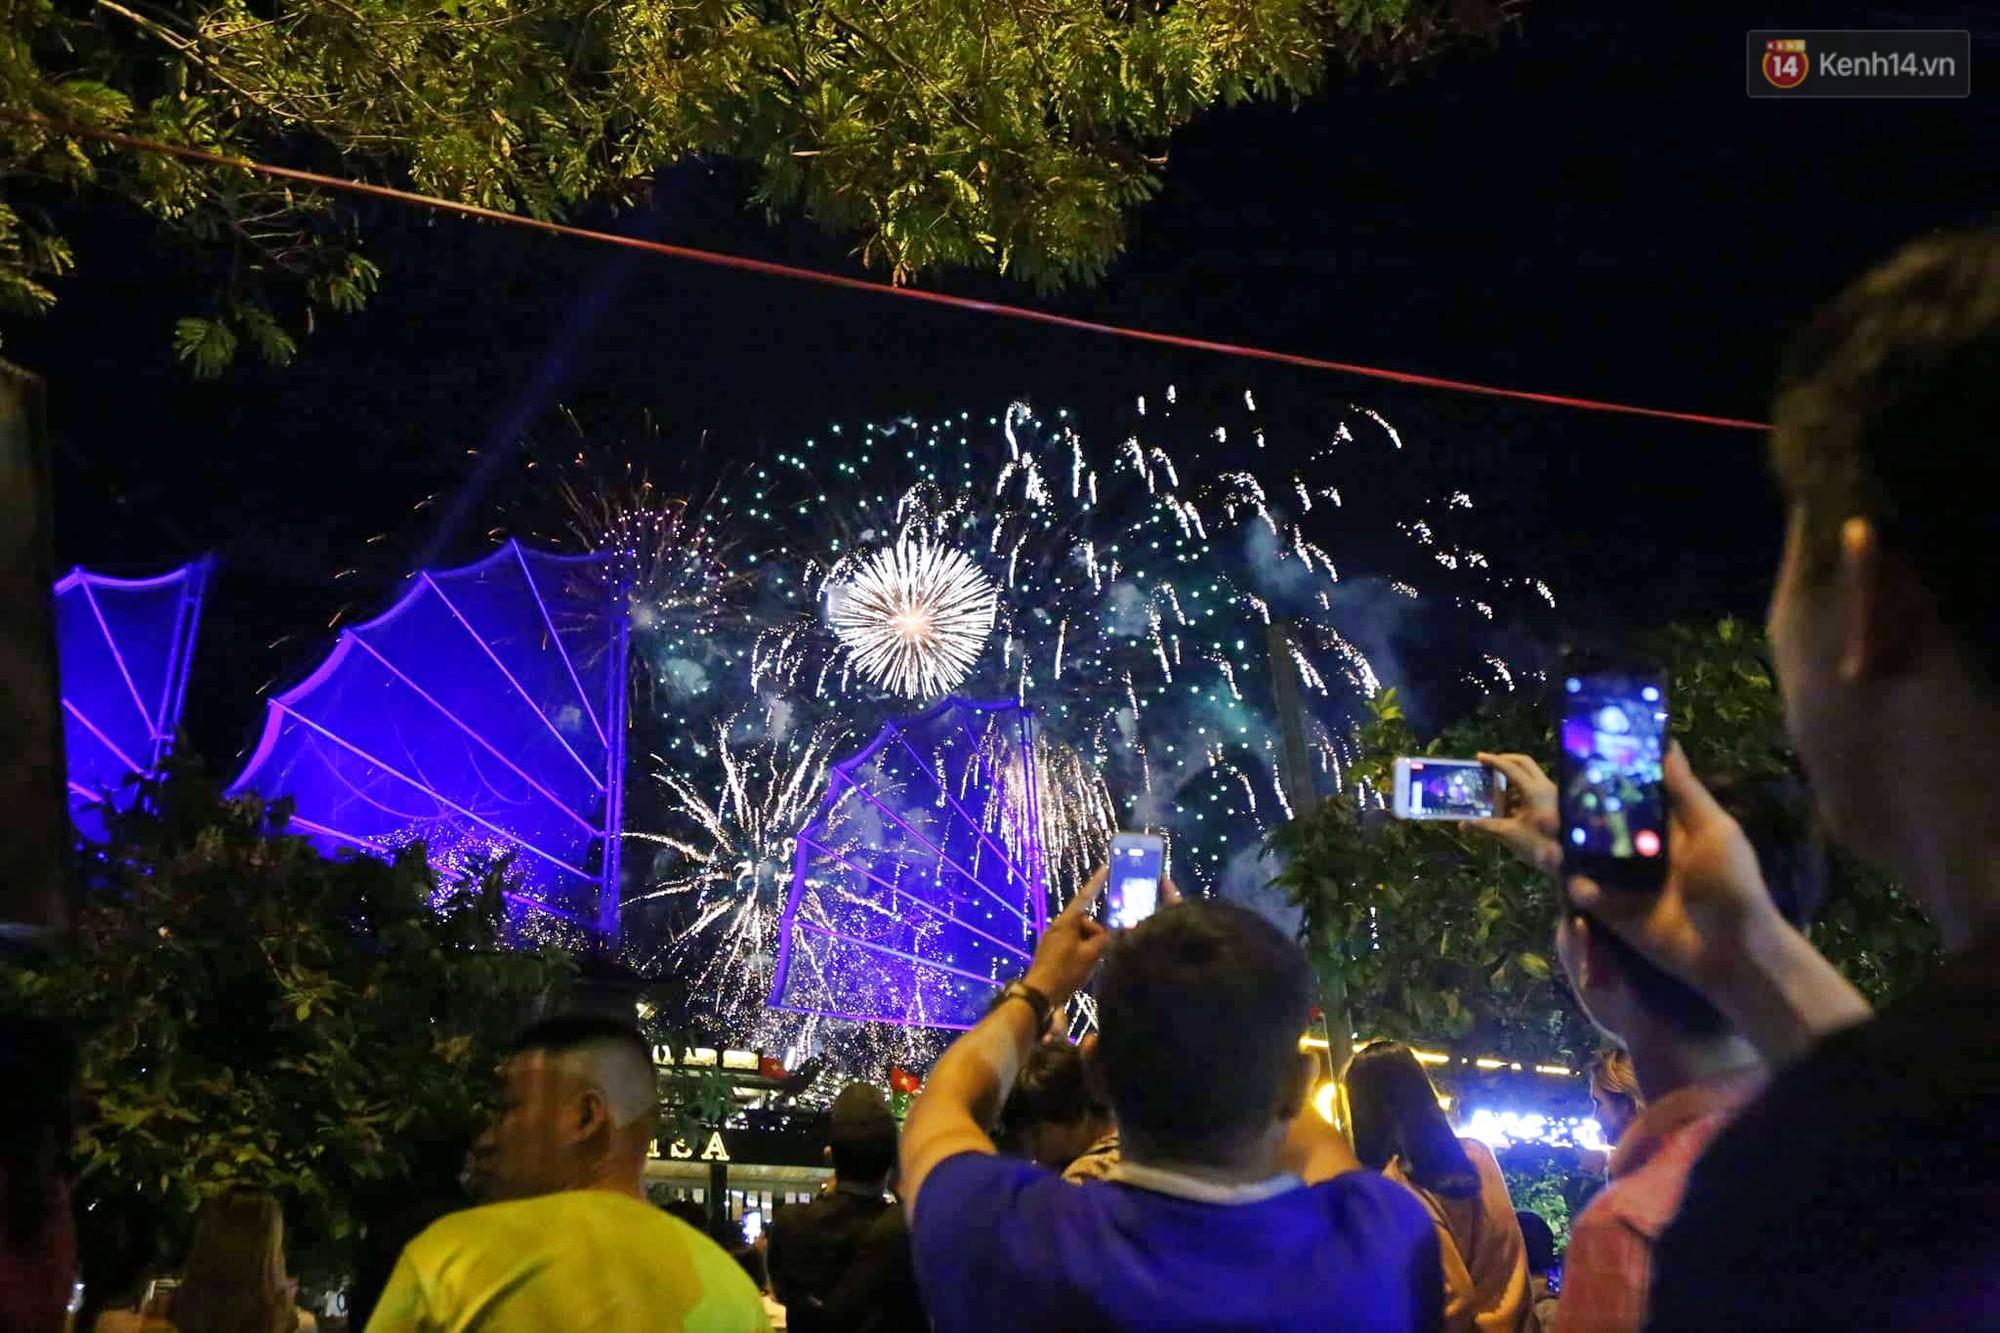 Pháo hoa đầy màu sắc sáng rực trời đêm, Sài Gòn hân hoan đón chào năm mới 2019 - Ảnh 6.